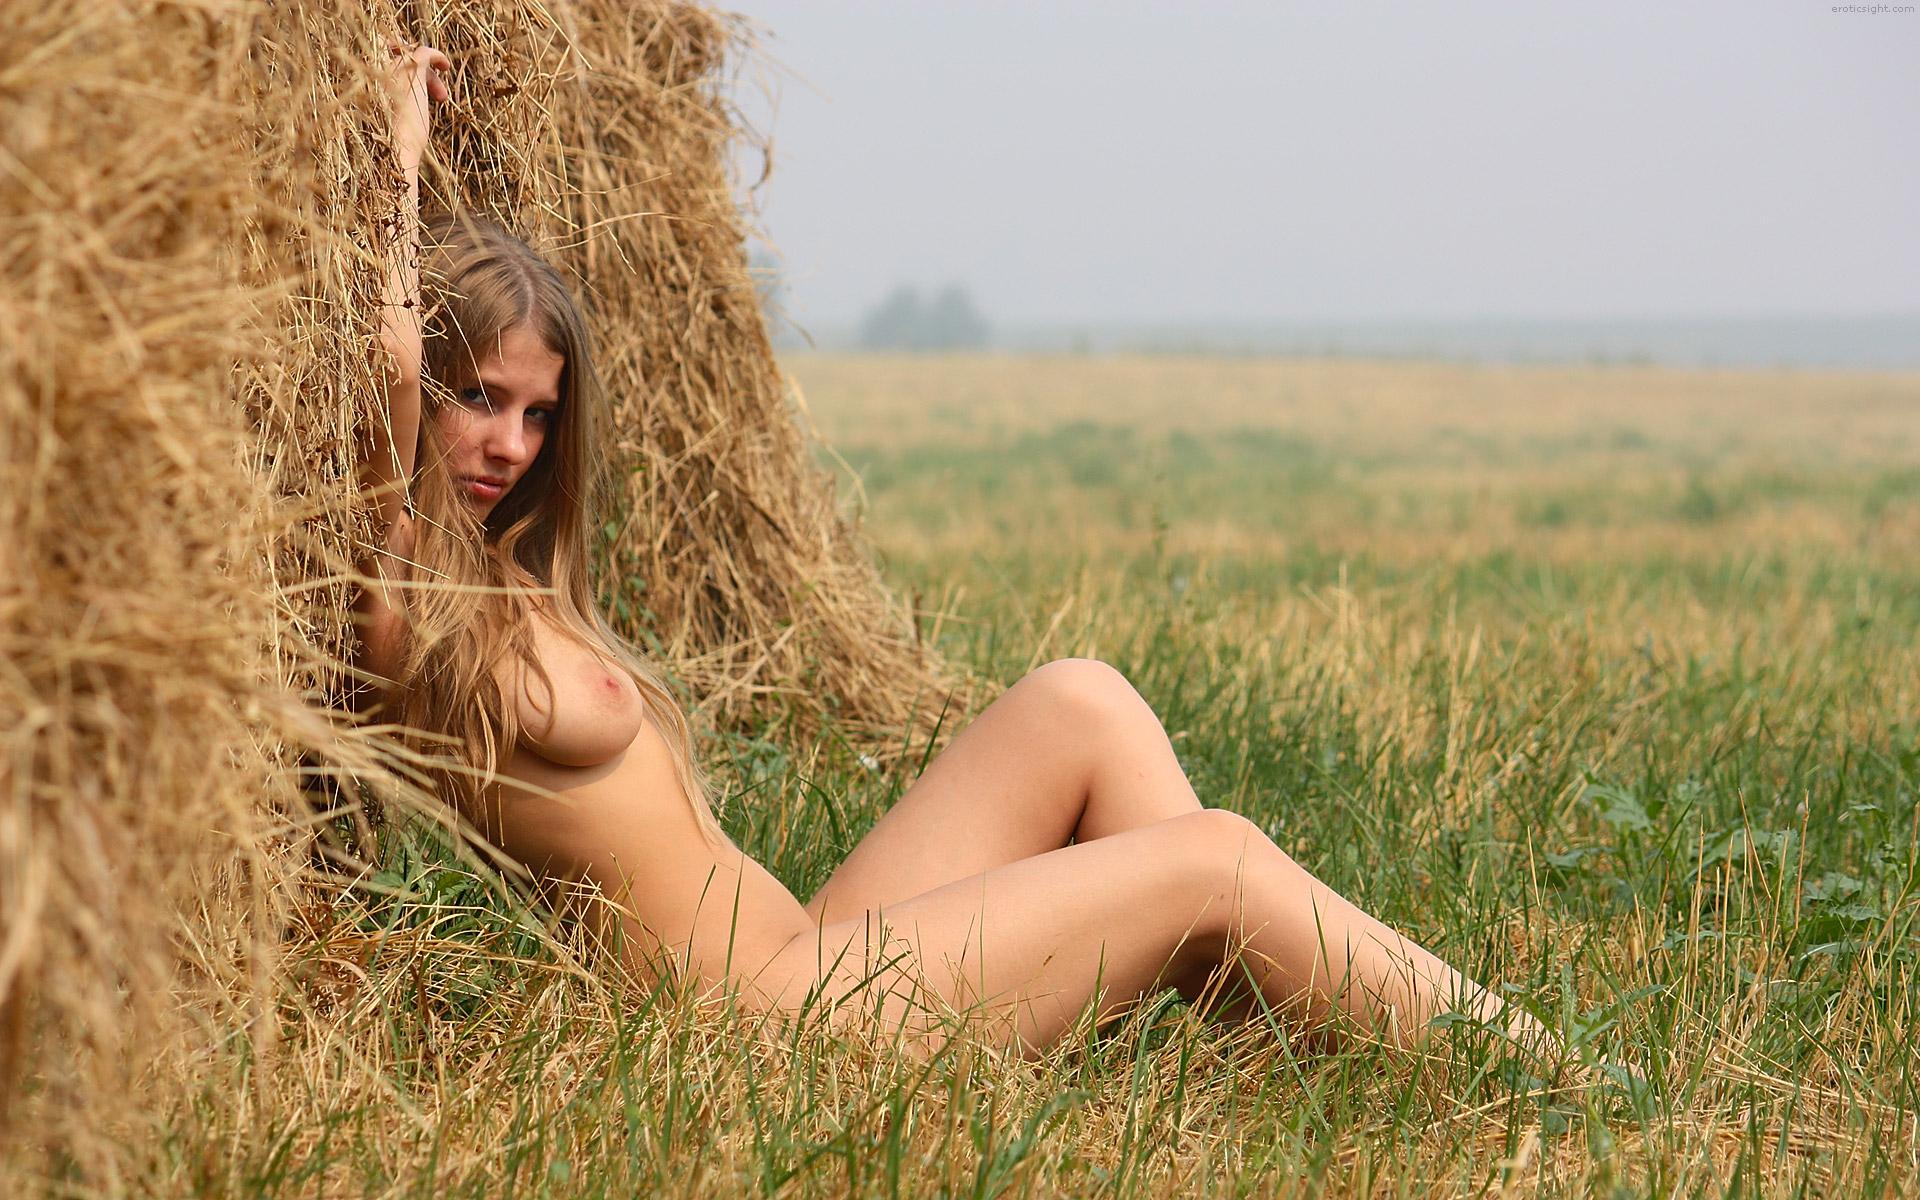 Х/ф про деревню с сексом 5 фотография